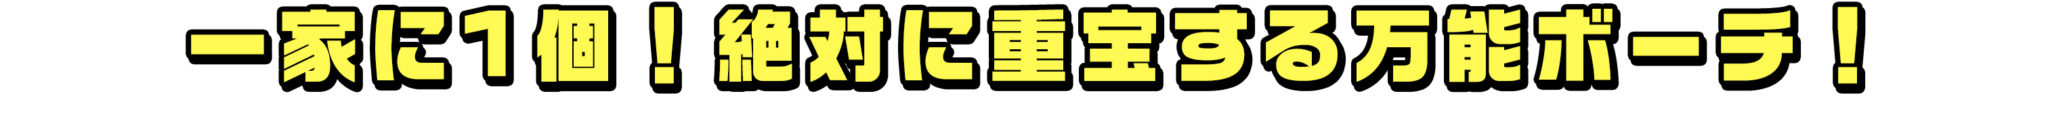 title1 - 【レビュー】充実しすぎのVAPEスターターキット「最新・最強ピコレボ 21700スターターキット」がベプログショップから爆誕!! これで華麗に入門しちゃいなyo!!